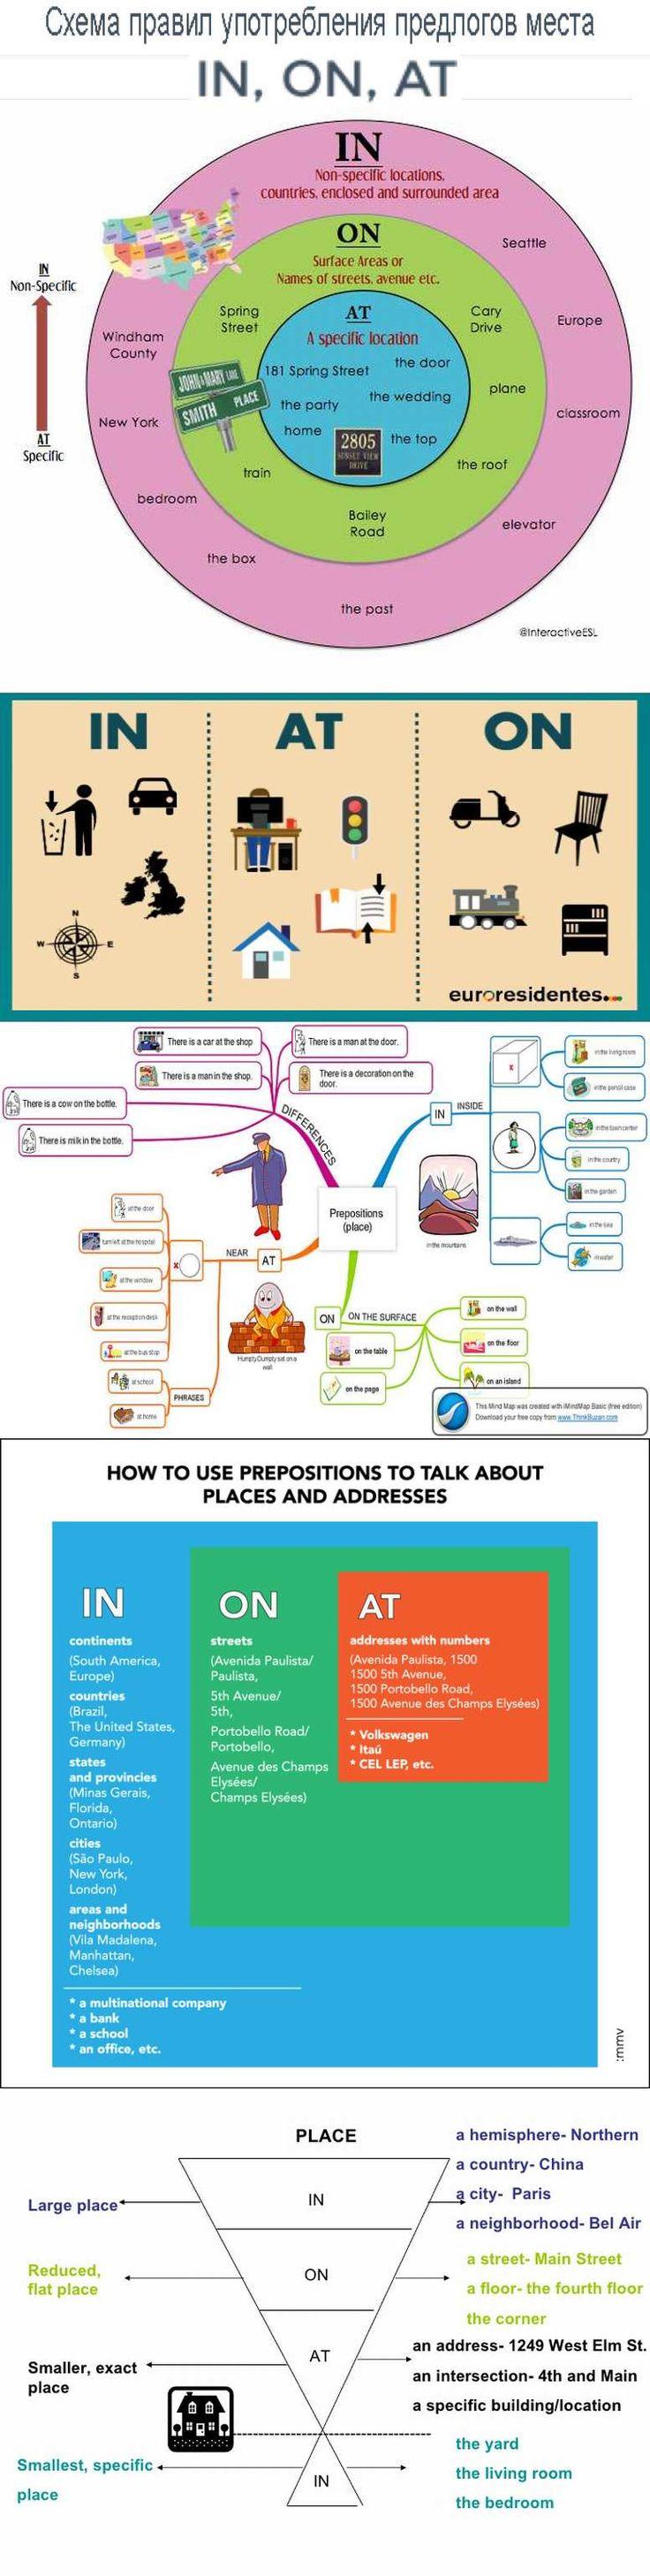 Схема правил употребления предлогов места IN, ON, AT.